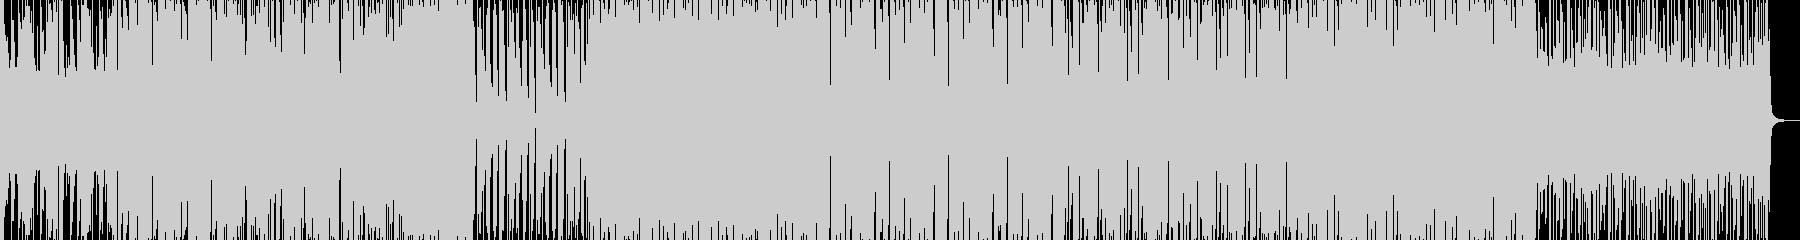 重低音エレクトロダンスミュージックの未再生の波形